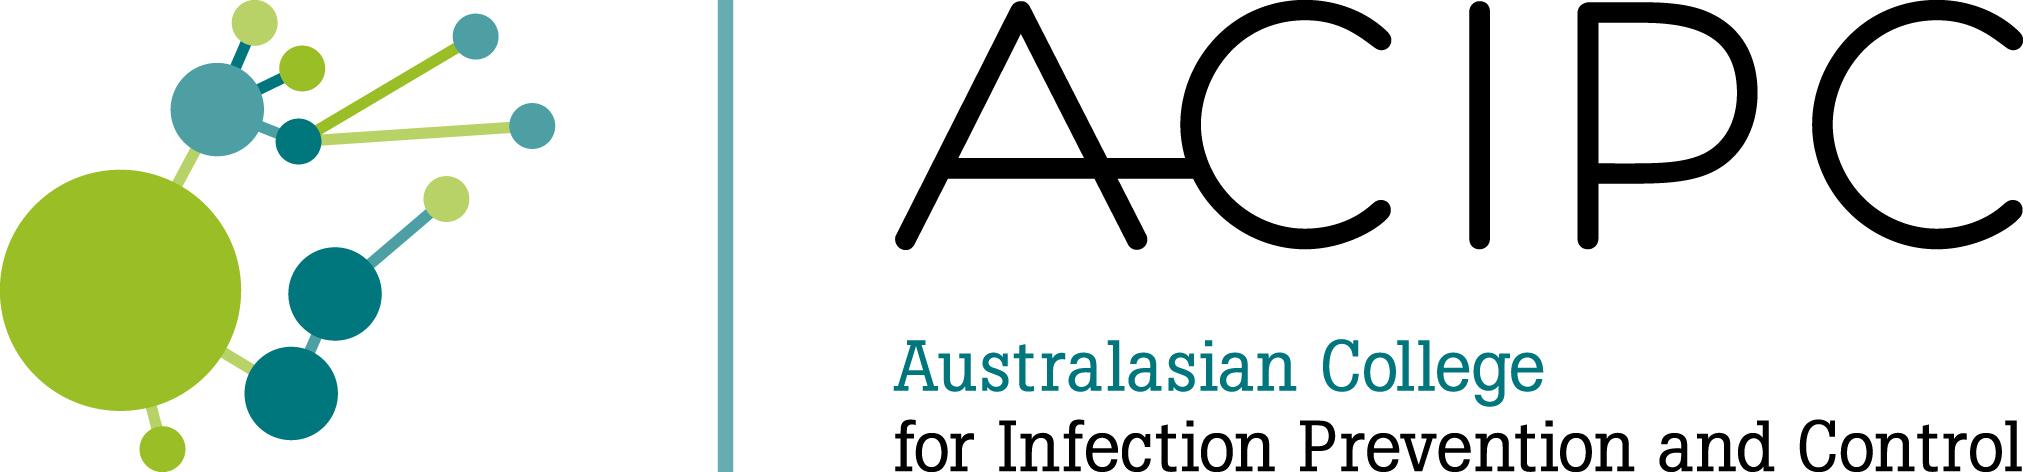 Statement: Hand Hygiene Auditing in Australia